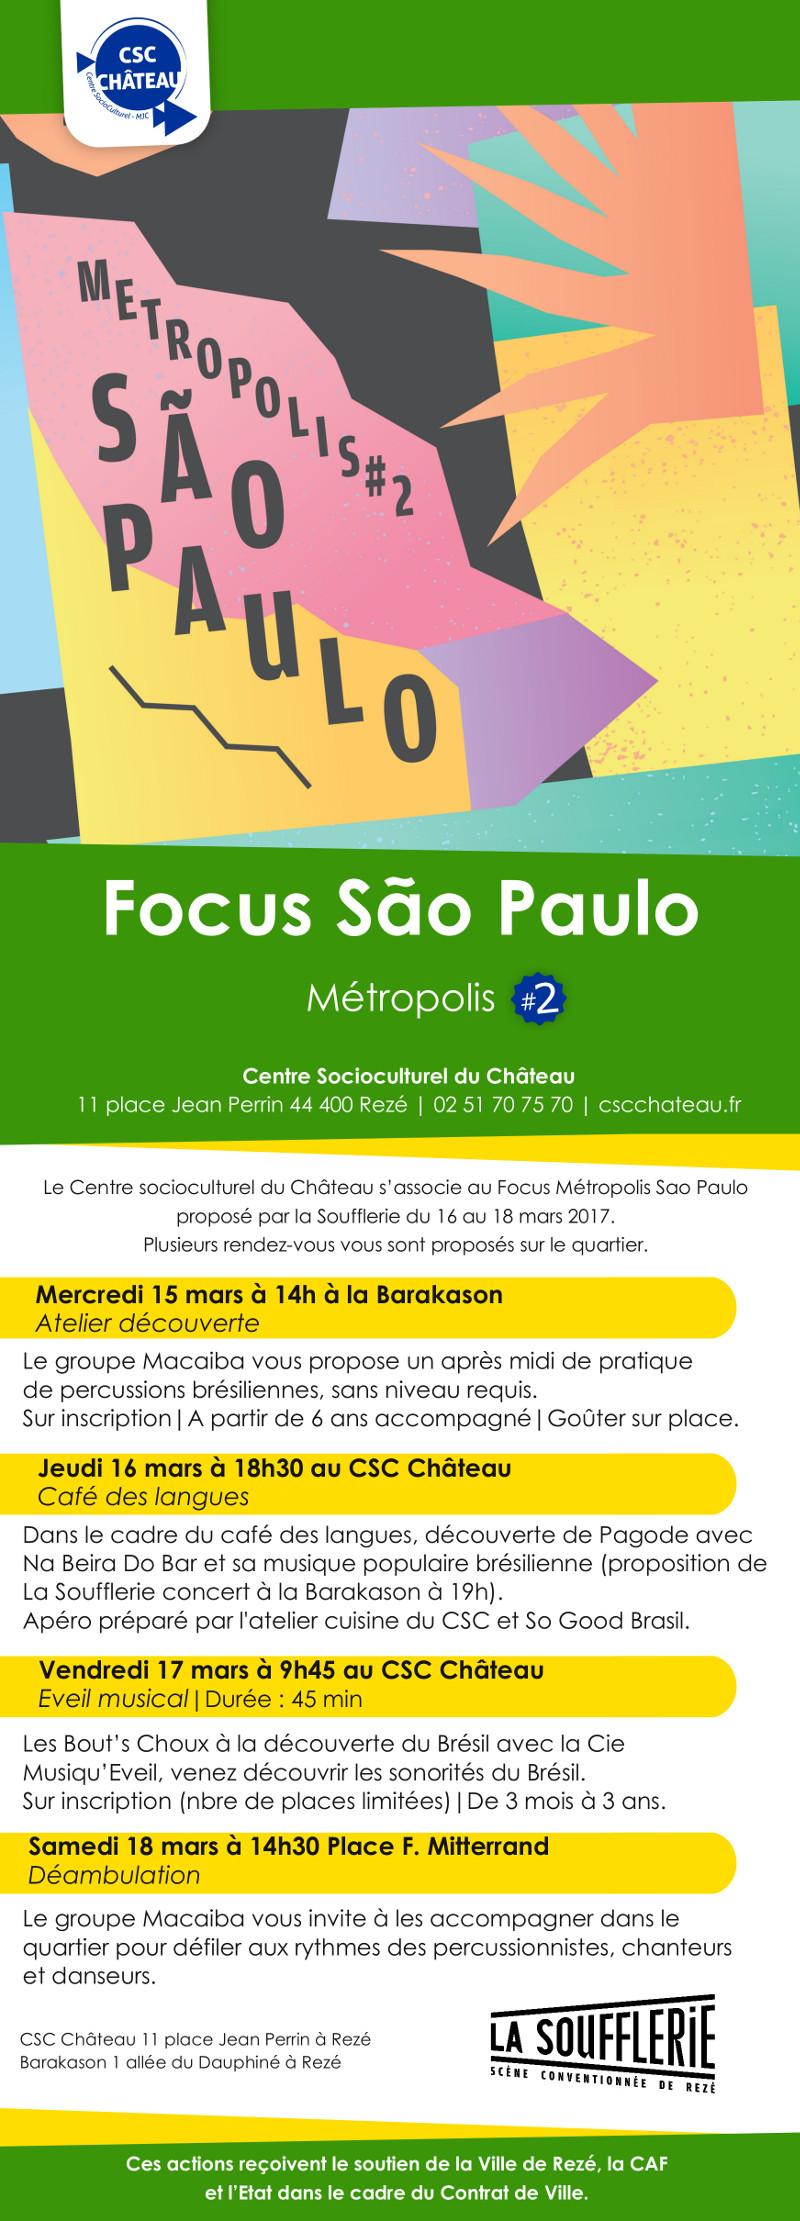 Focus Sao Paulo